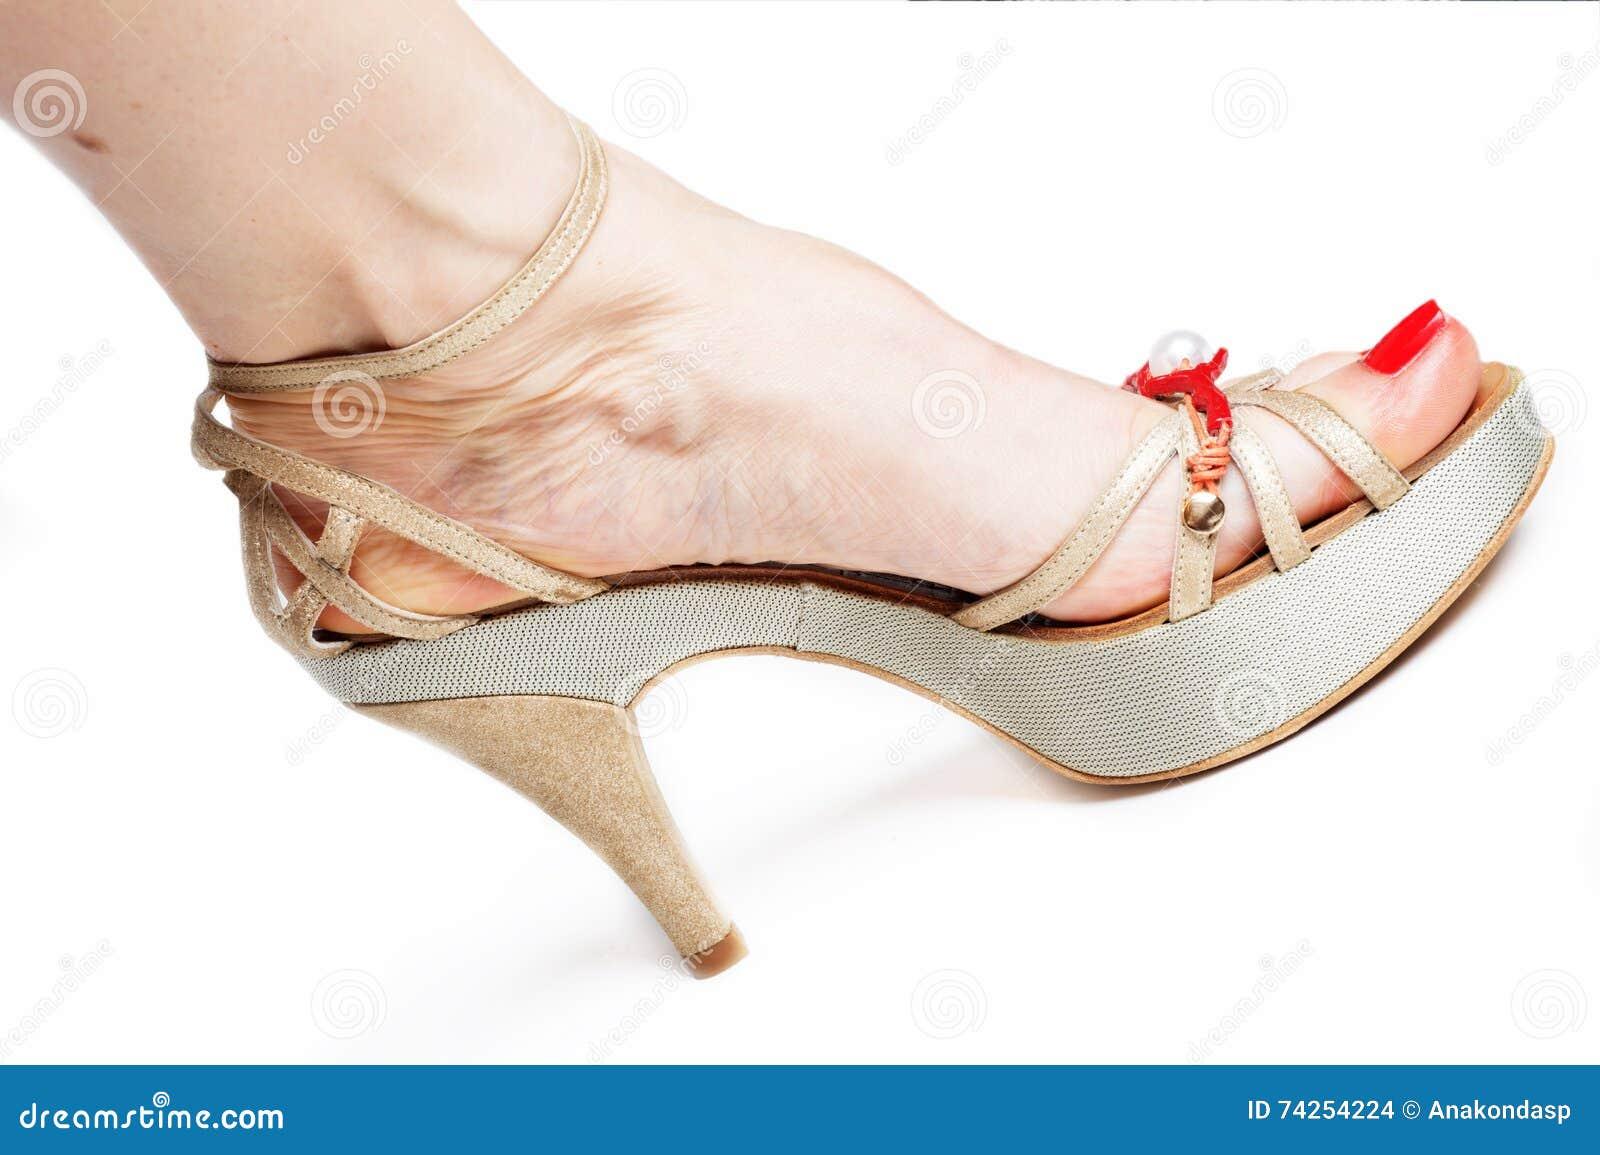 Sandalia En De Con Pies Elegancia La Mujer Tacón Alto El n0wO8Pk